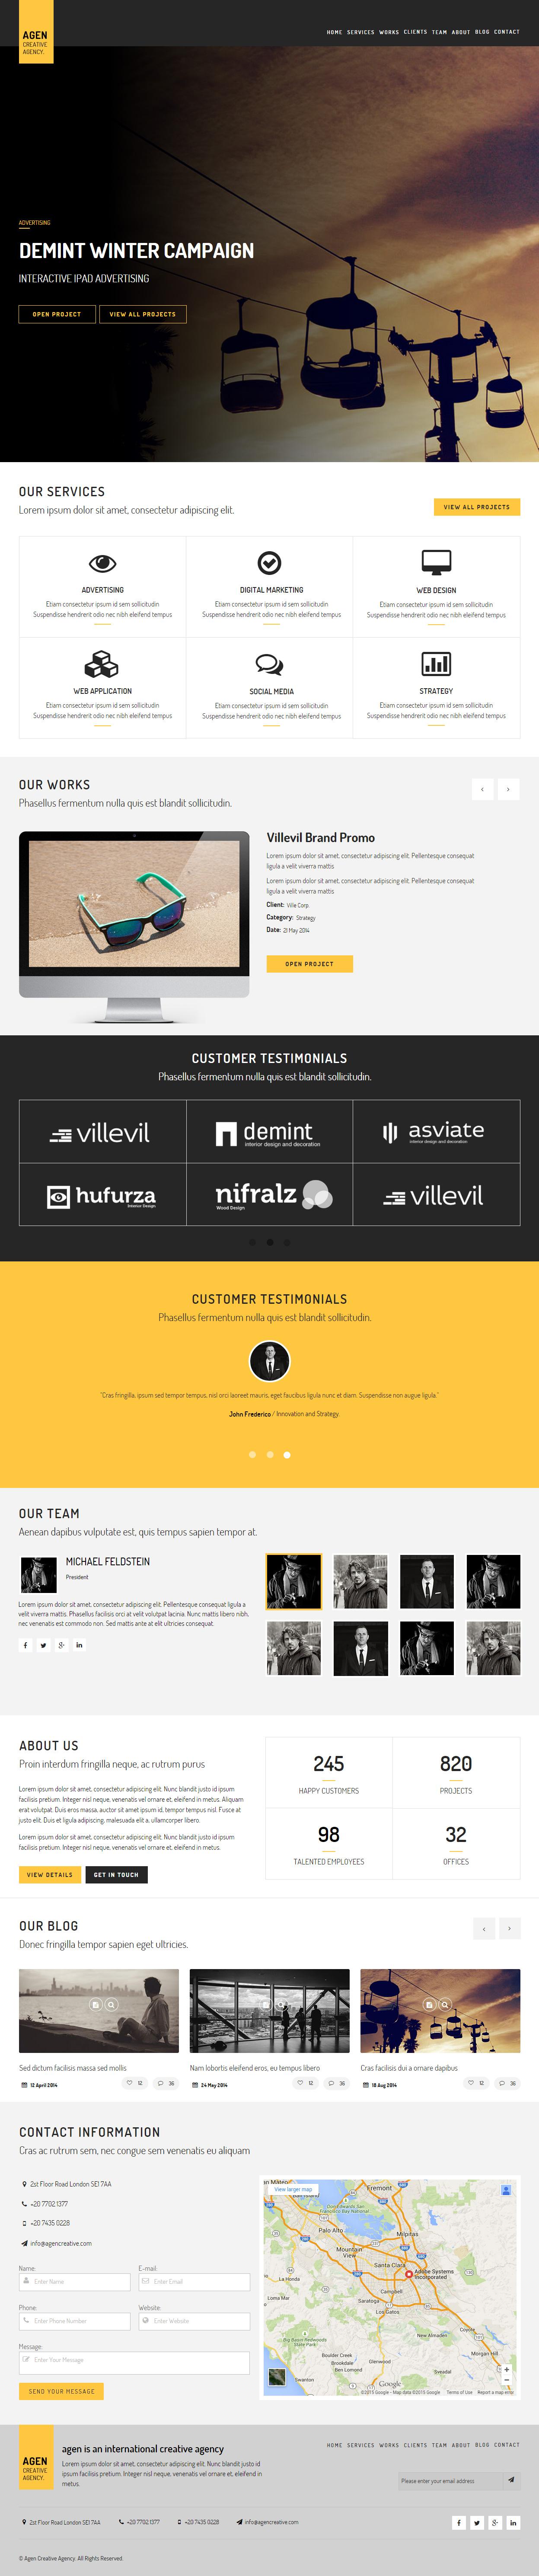 Ausgezeichnet Adobe Muse Vorlagen Ideen - Entry Level Resume ...